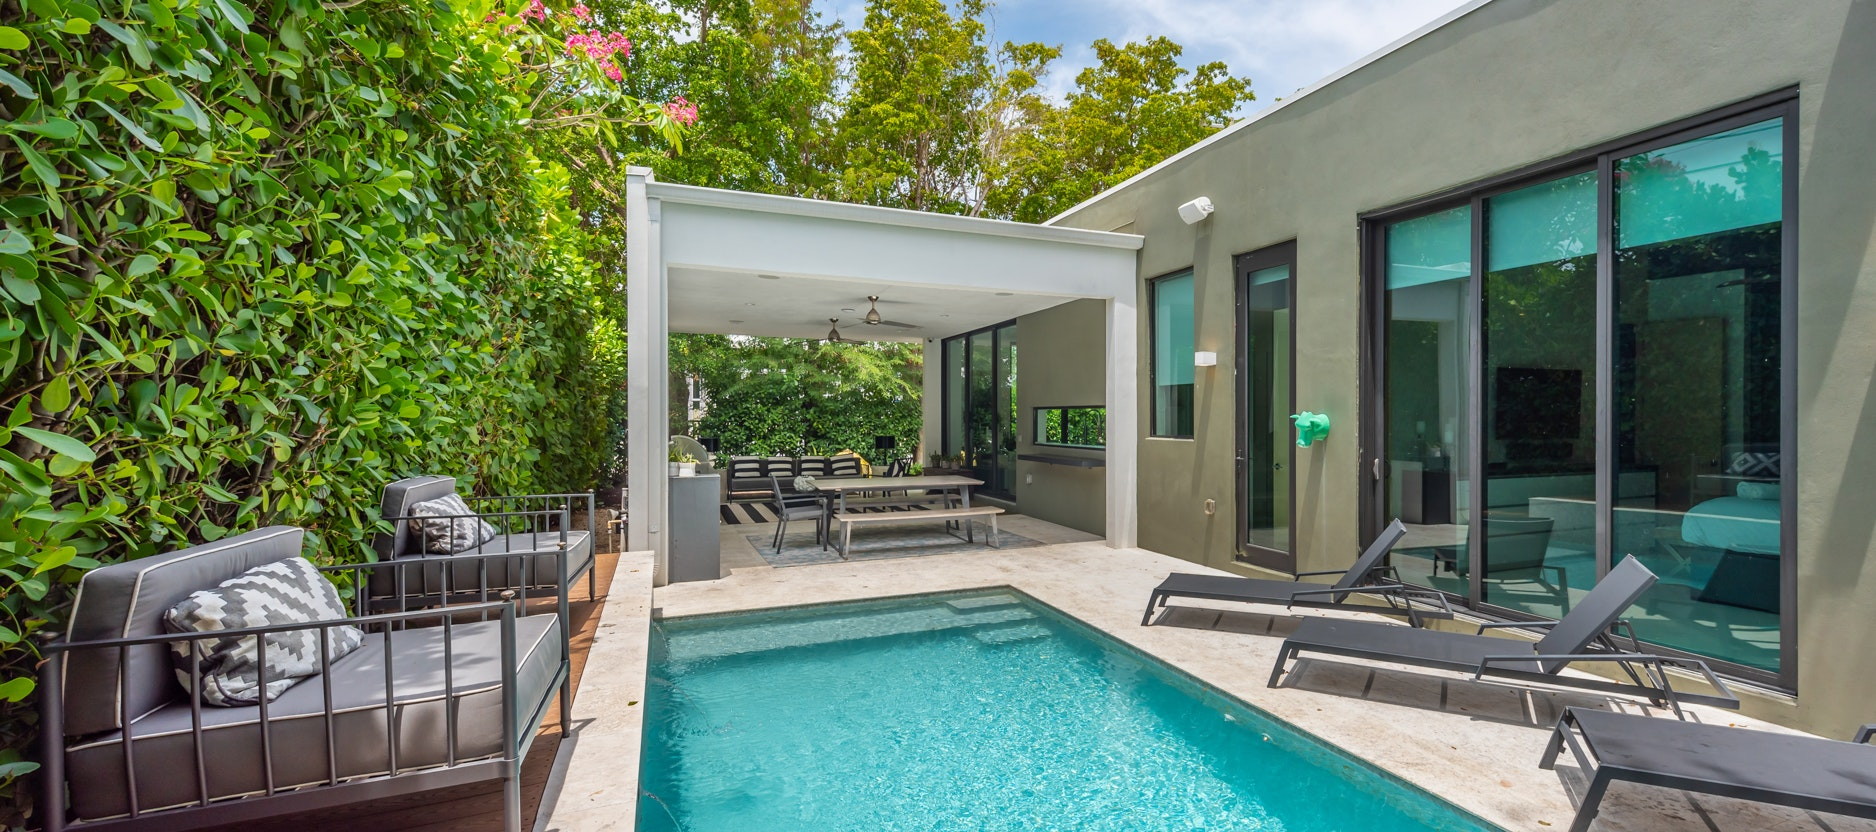 Villa Amaya luxury rental in Design District